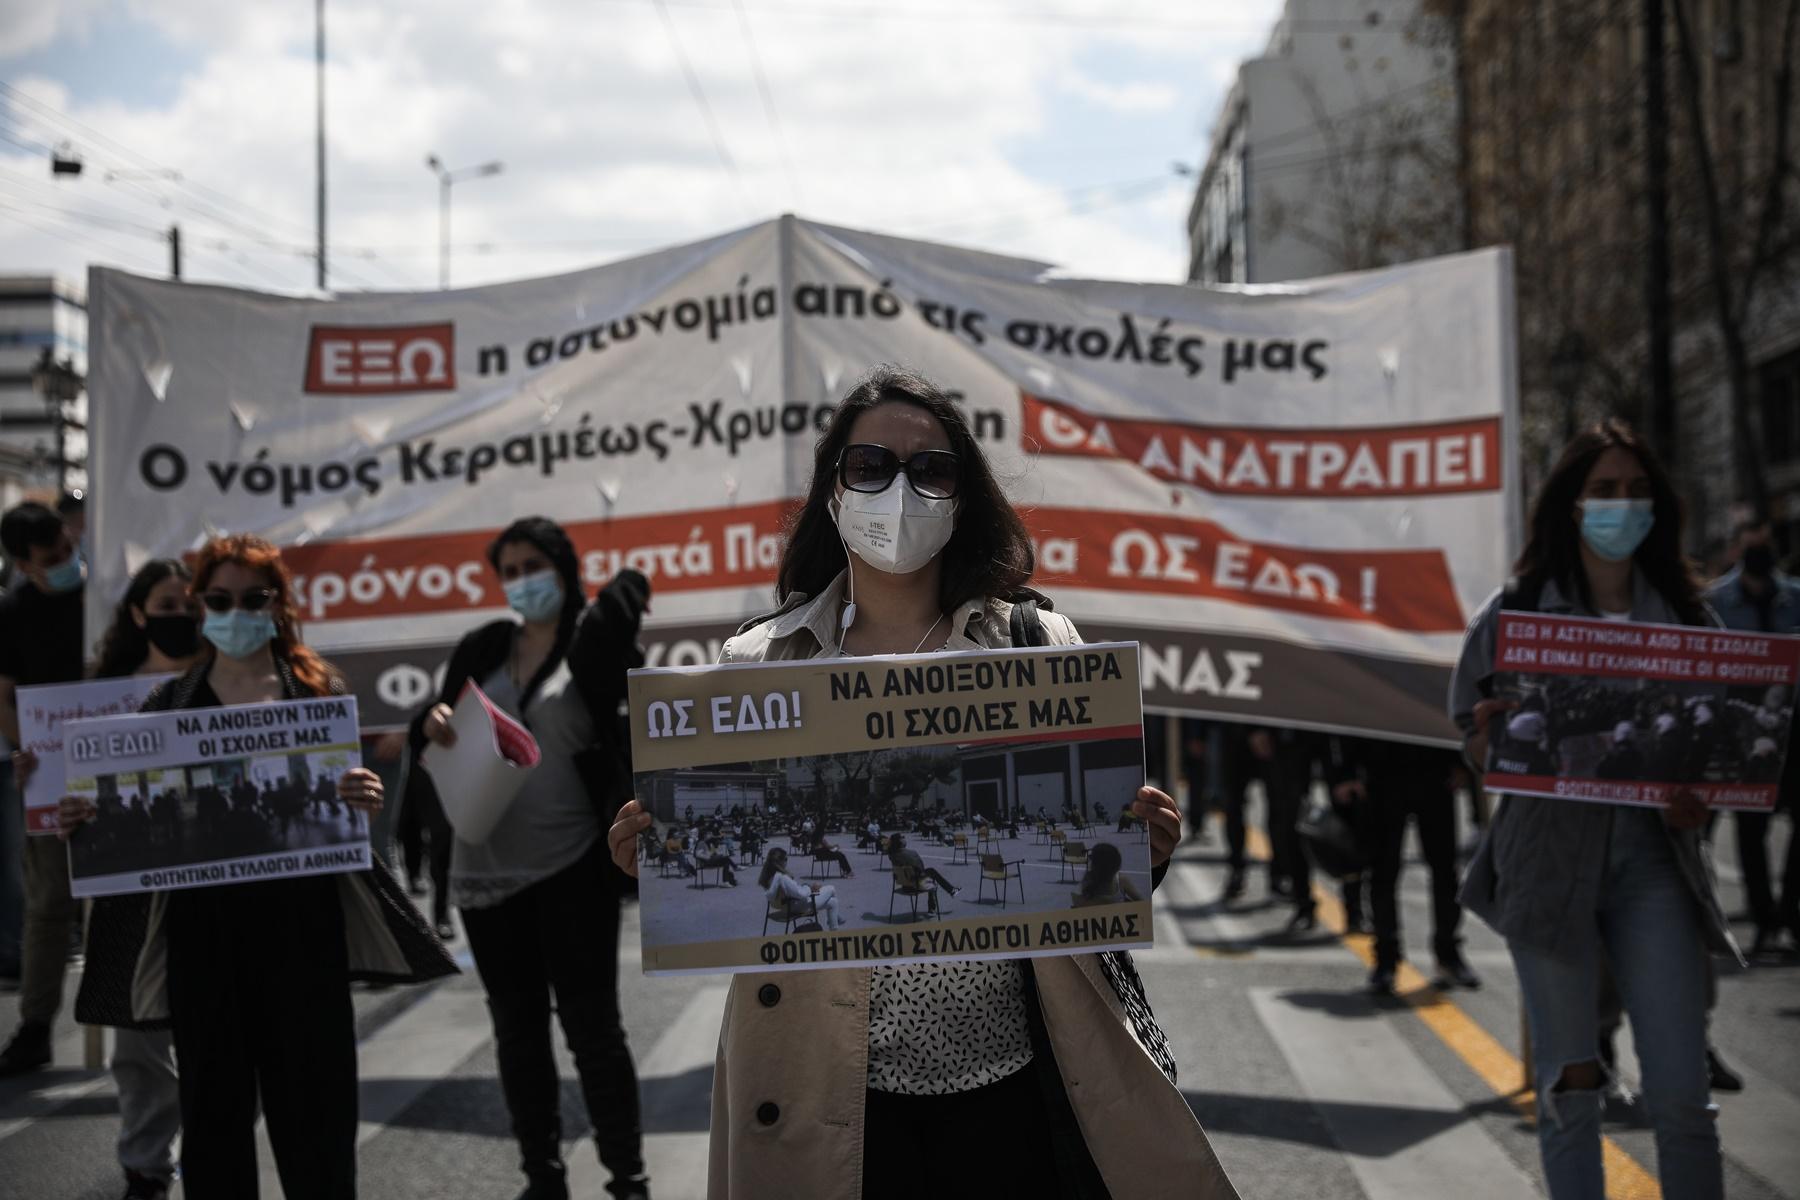 Πανεκπαιδευτικό συλλαλητήριο 15/4 Αθήνα: Στα προπύλαια φοιτητές και  καθηγητές | Alphafreepress.gr